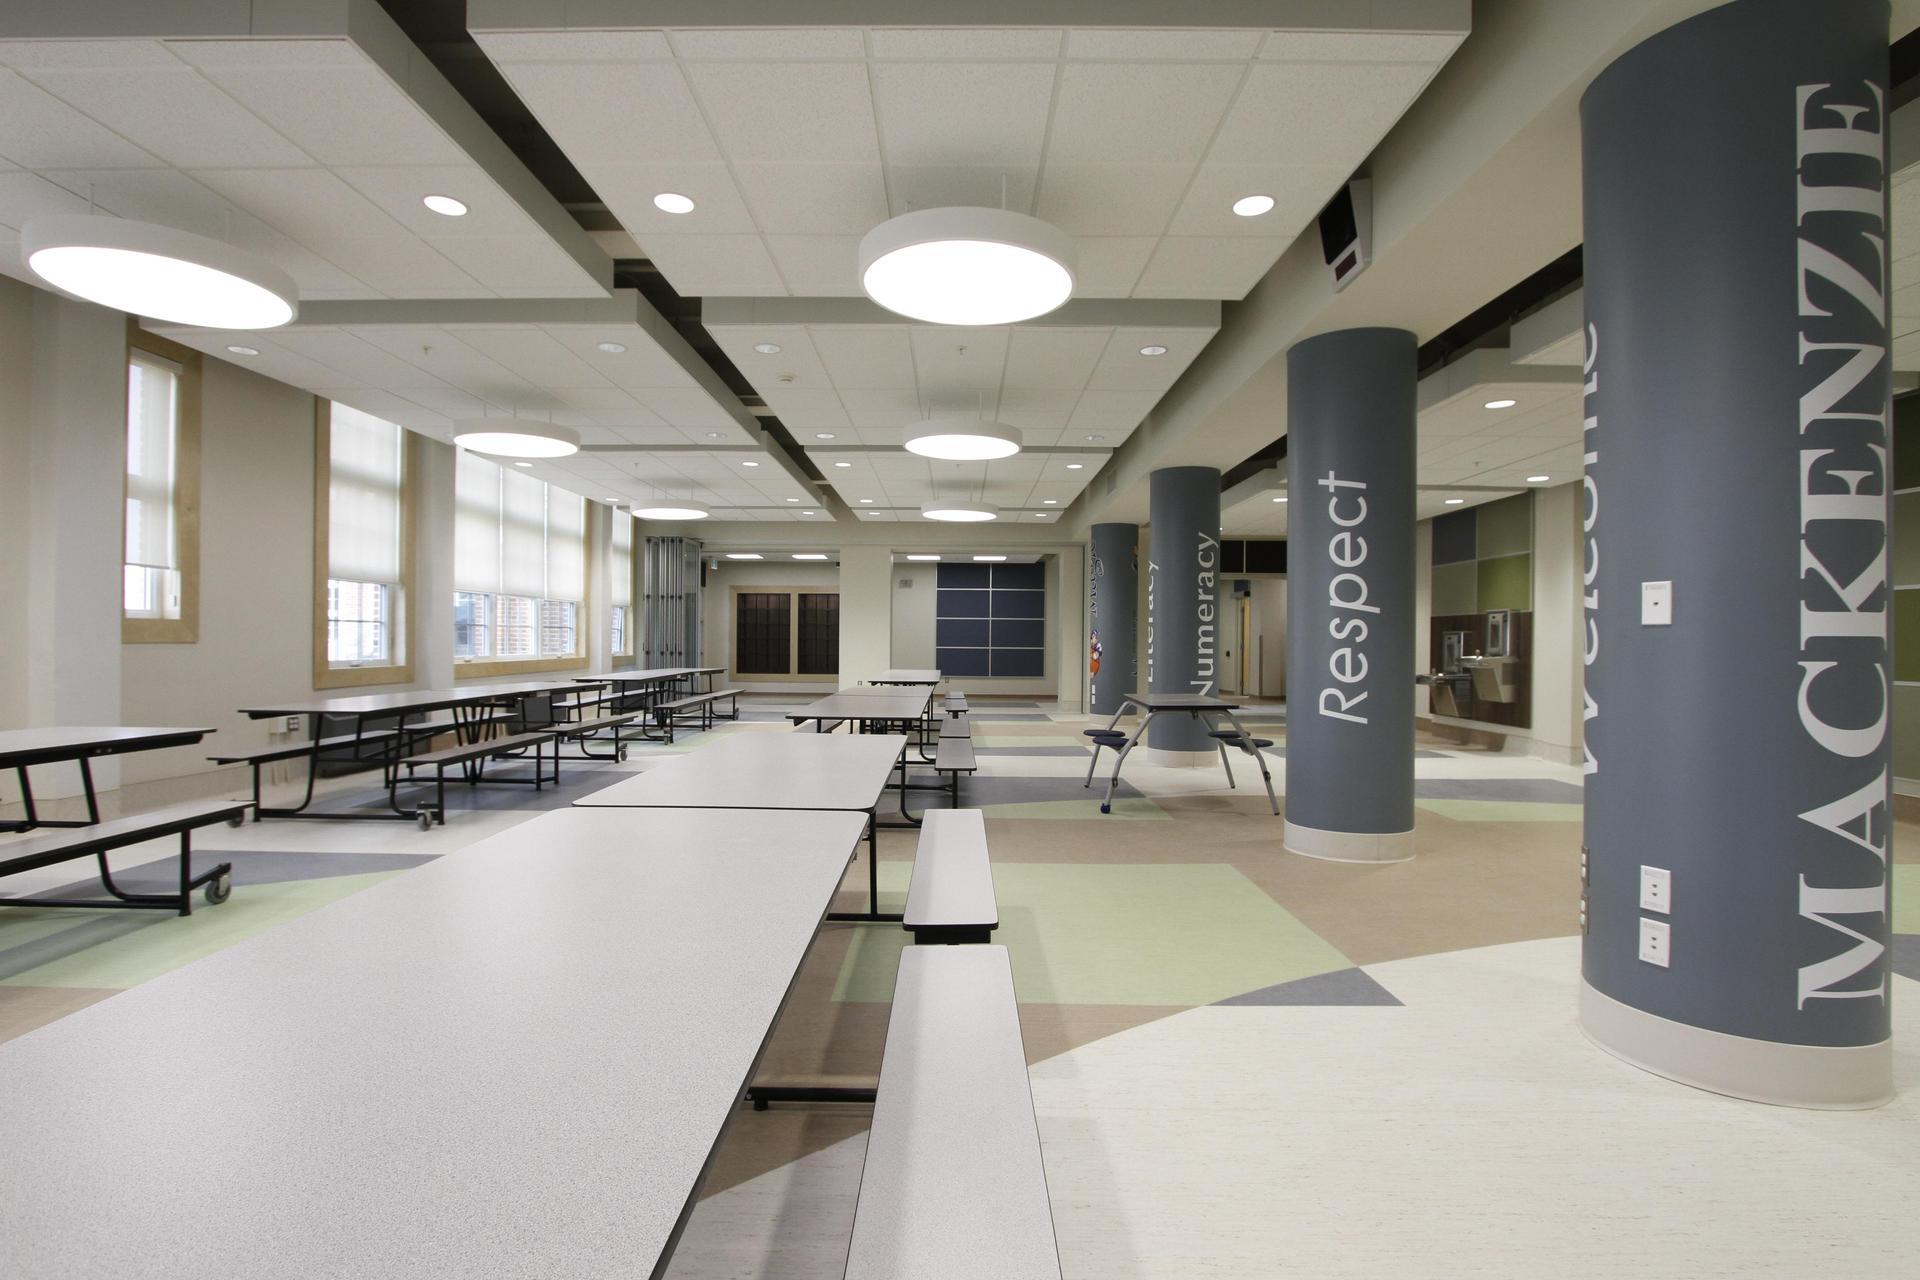 Mackenzie School Common Area